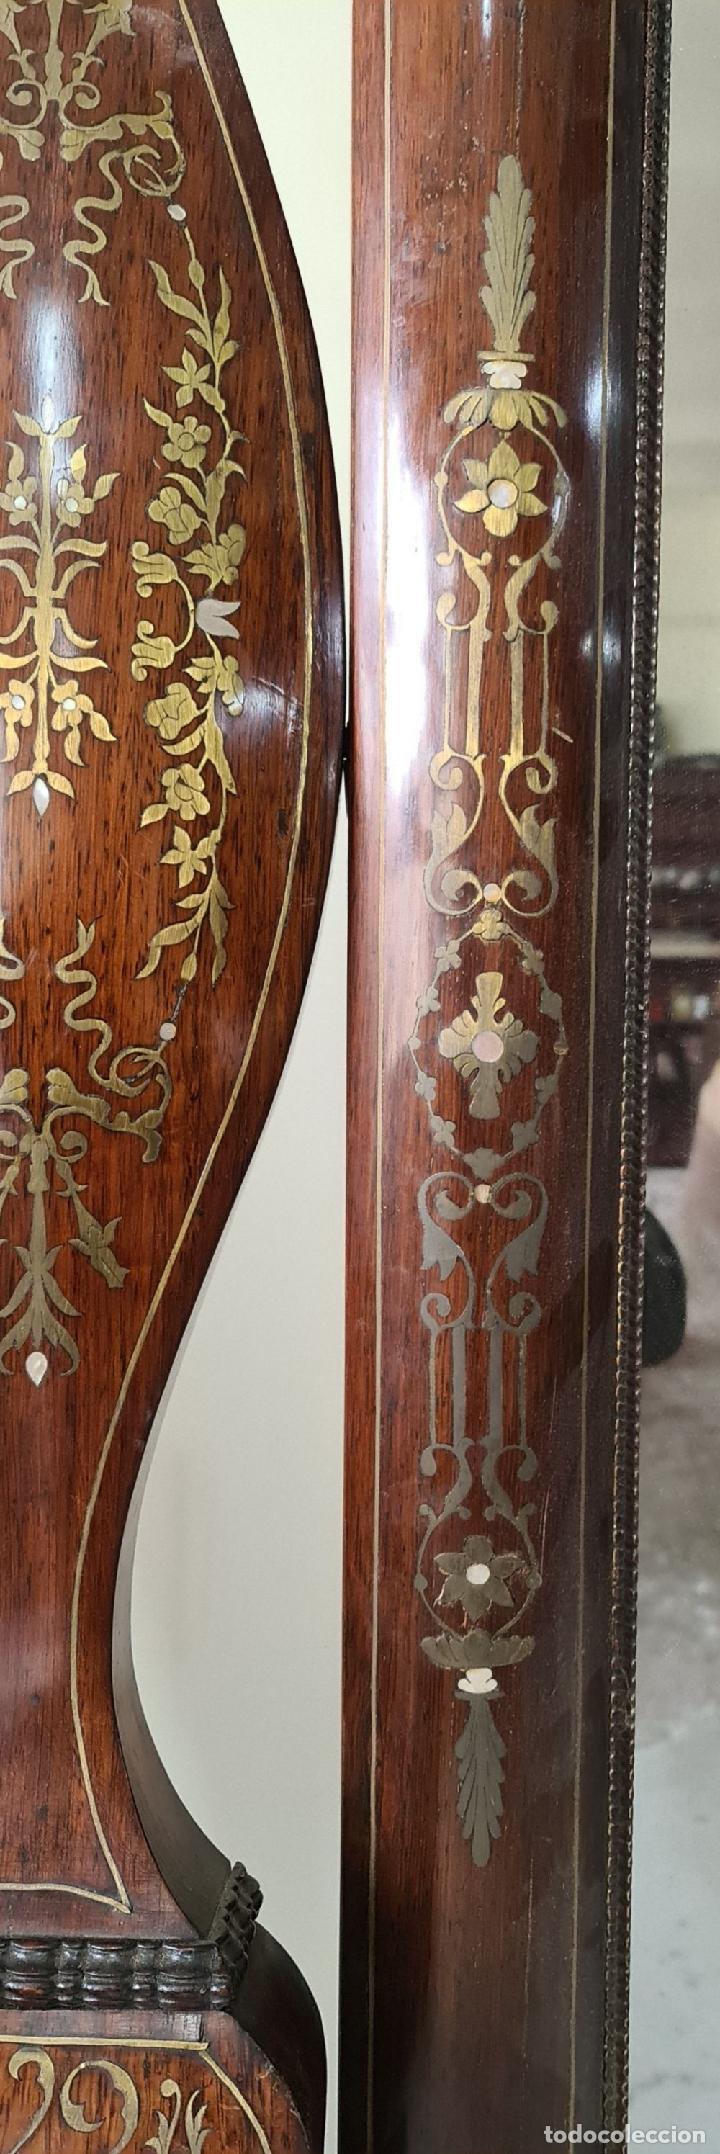 Antigüedades: CONSOLA CON ESPEJO. MADERA DE PALISANDRO Y MARQUETERIA. ESTILO ISABELINO. SIGLO XIX. - Foto 8 - 238617105